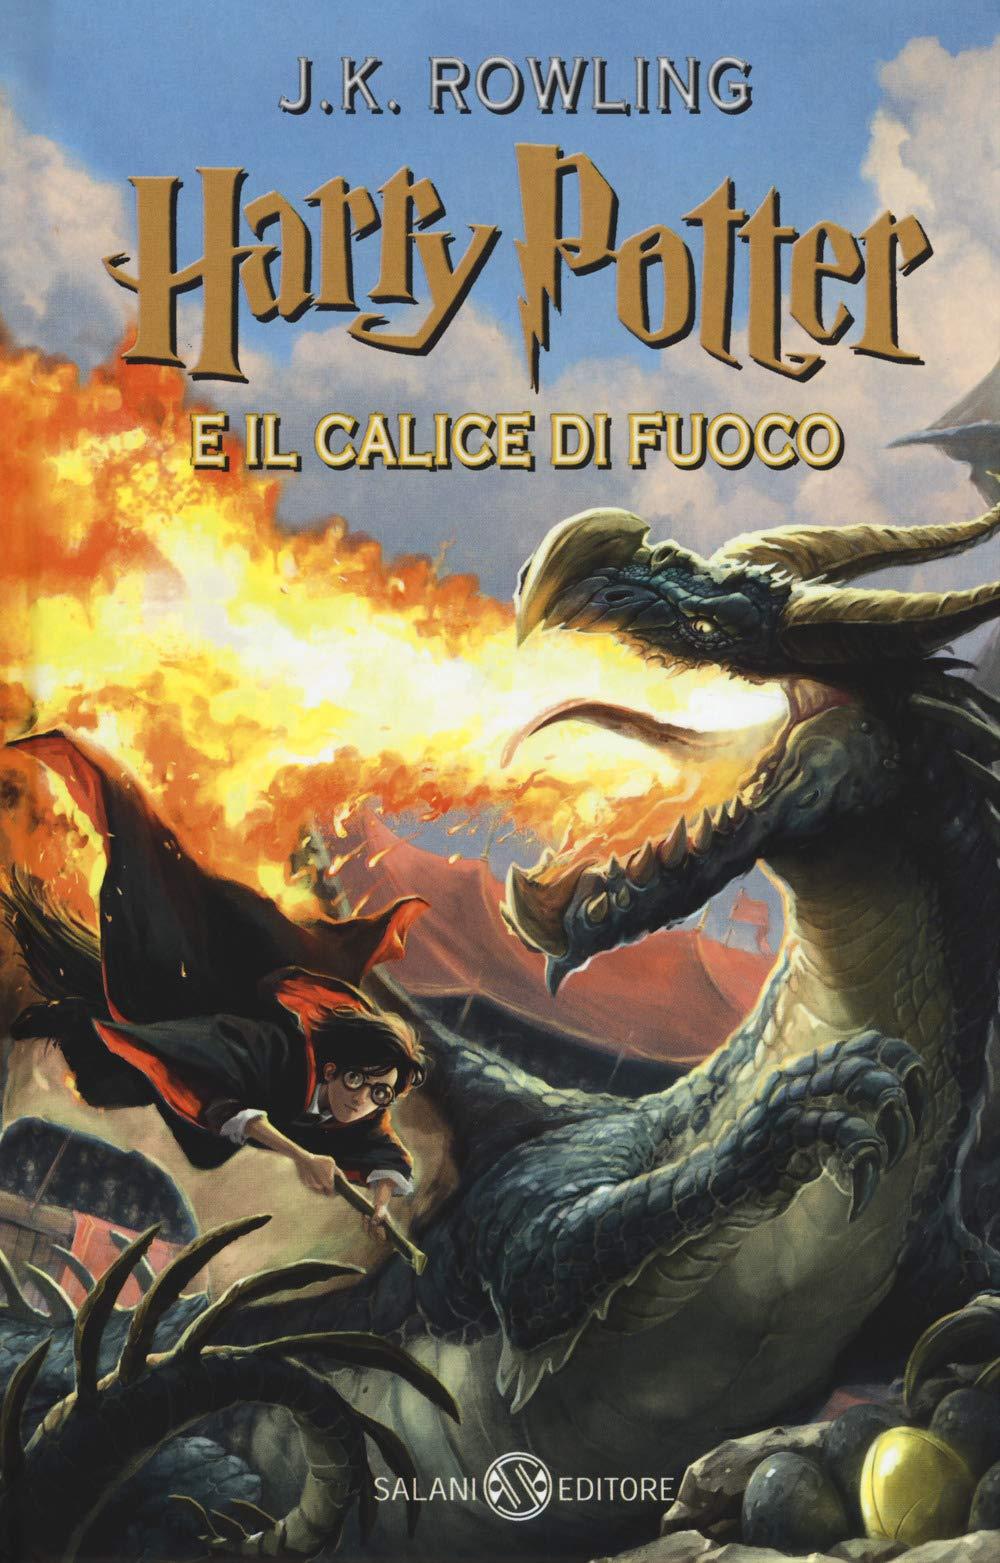 Harry Potter e il calice di fuoco JONNY DUDDLE 2020